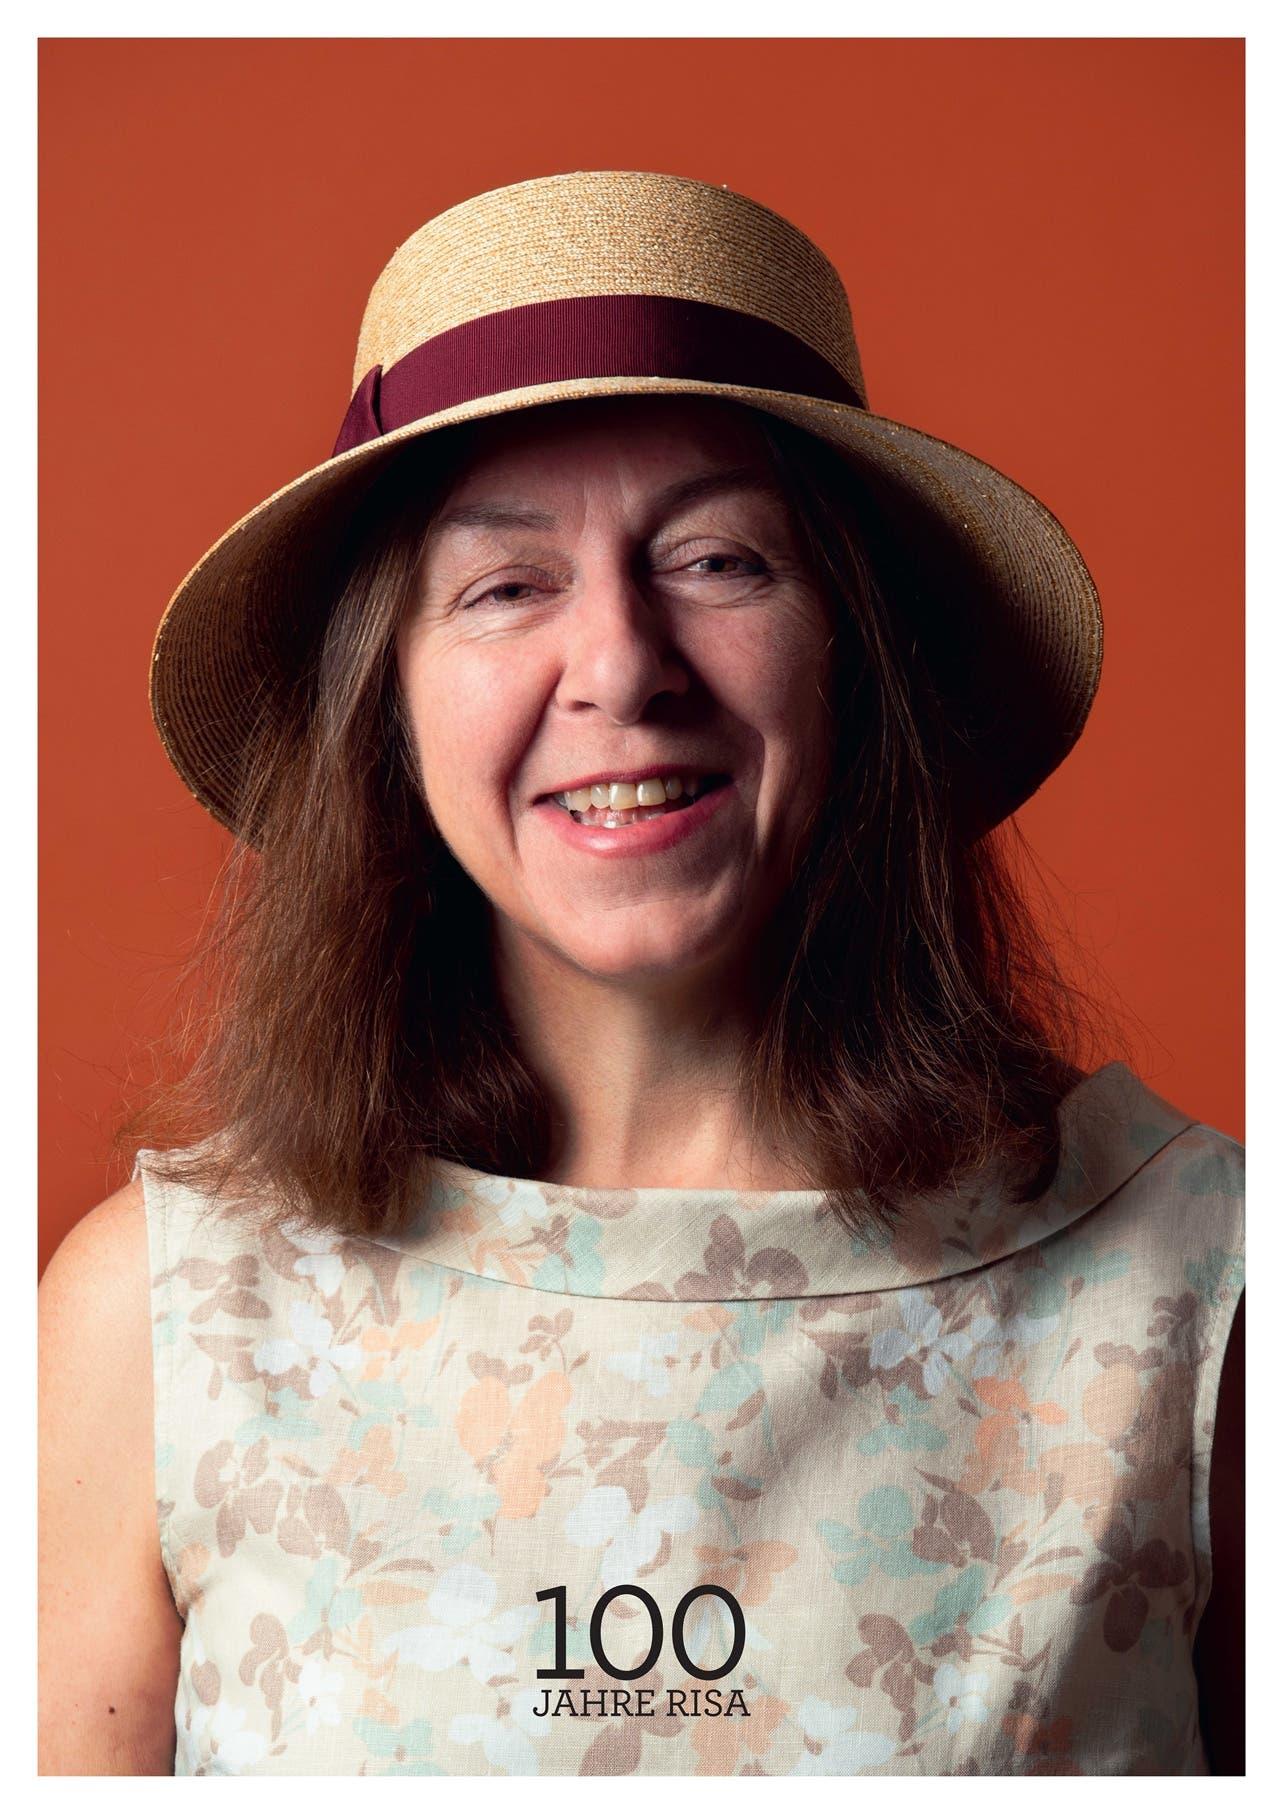 Gaby Huber-Sax erhielt einen «Cloche» aus ultrafeinen Weizenstrohbändern.